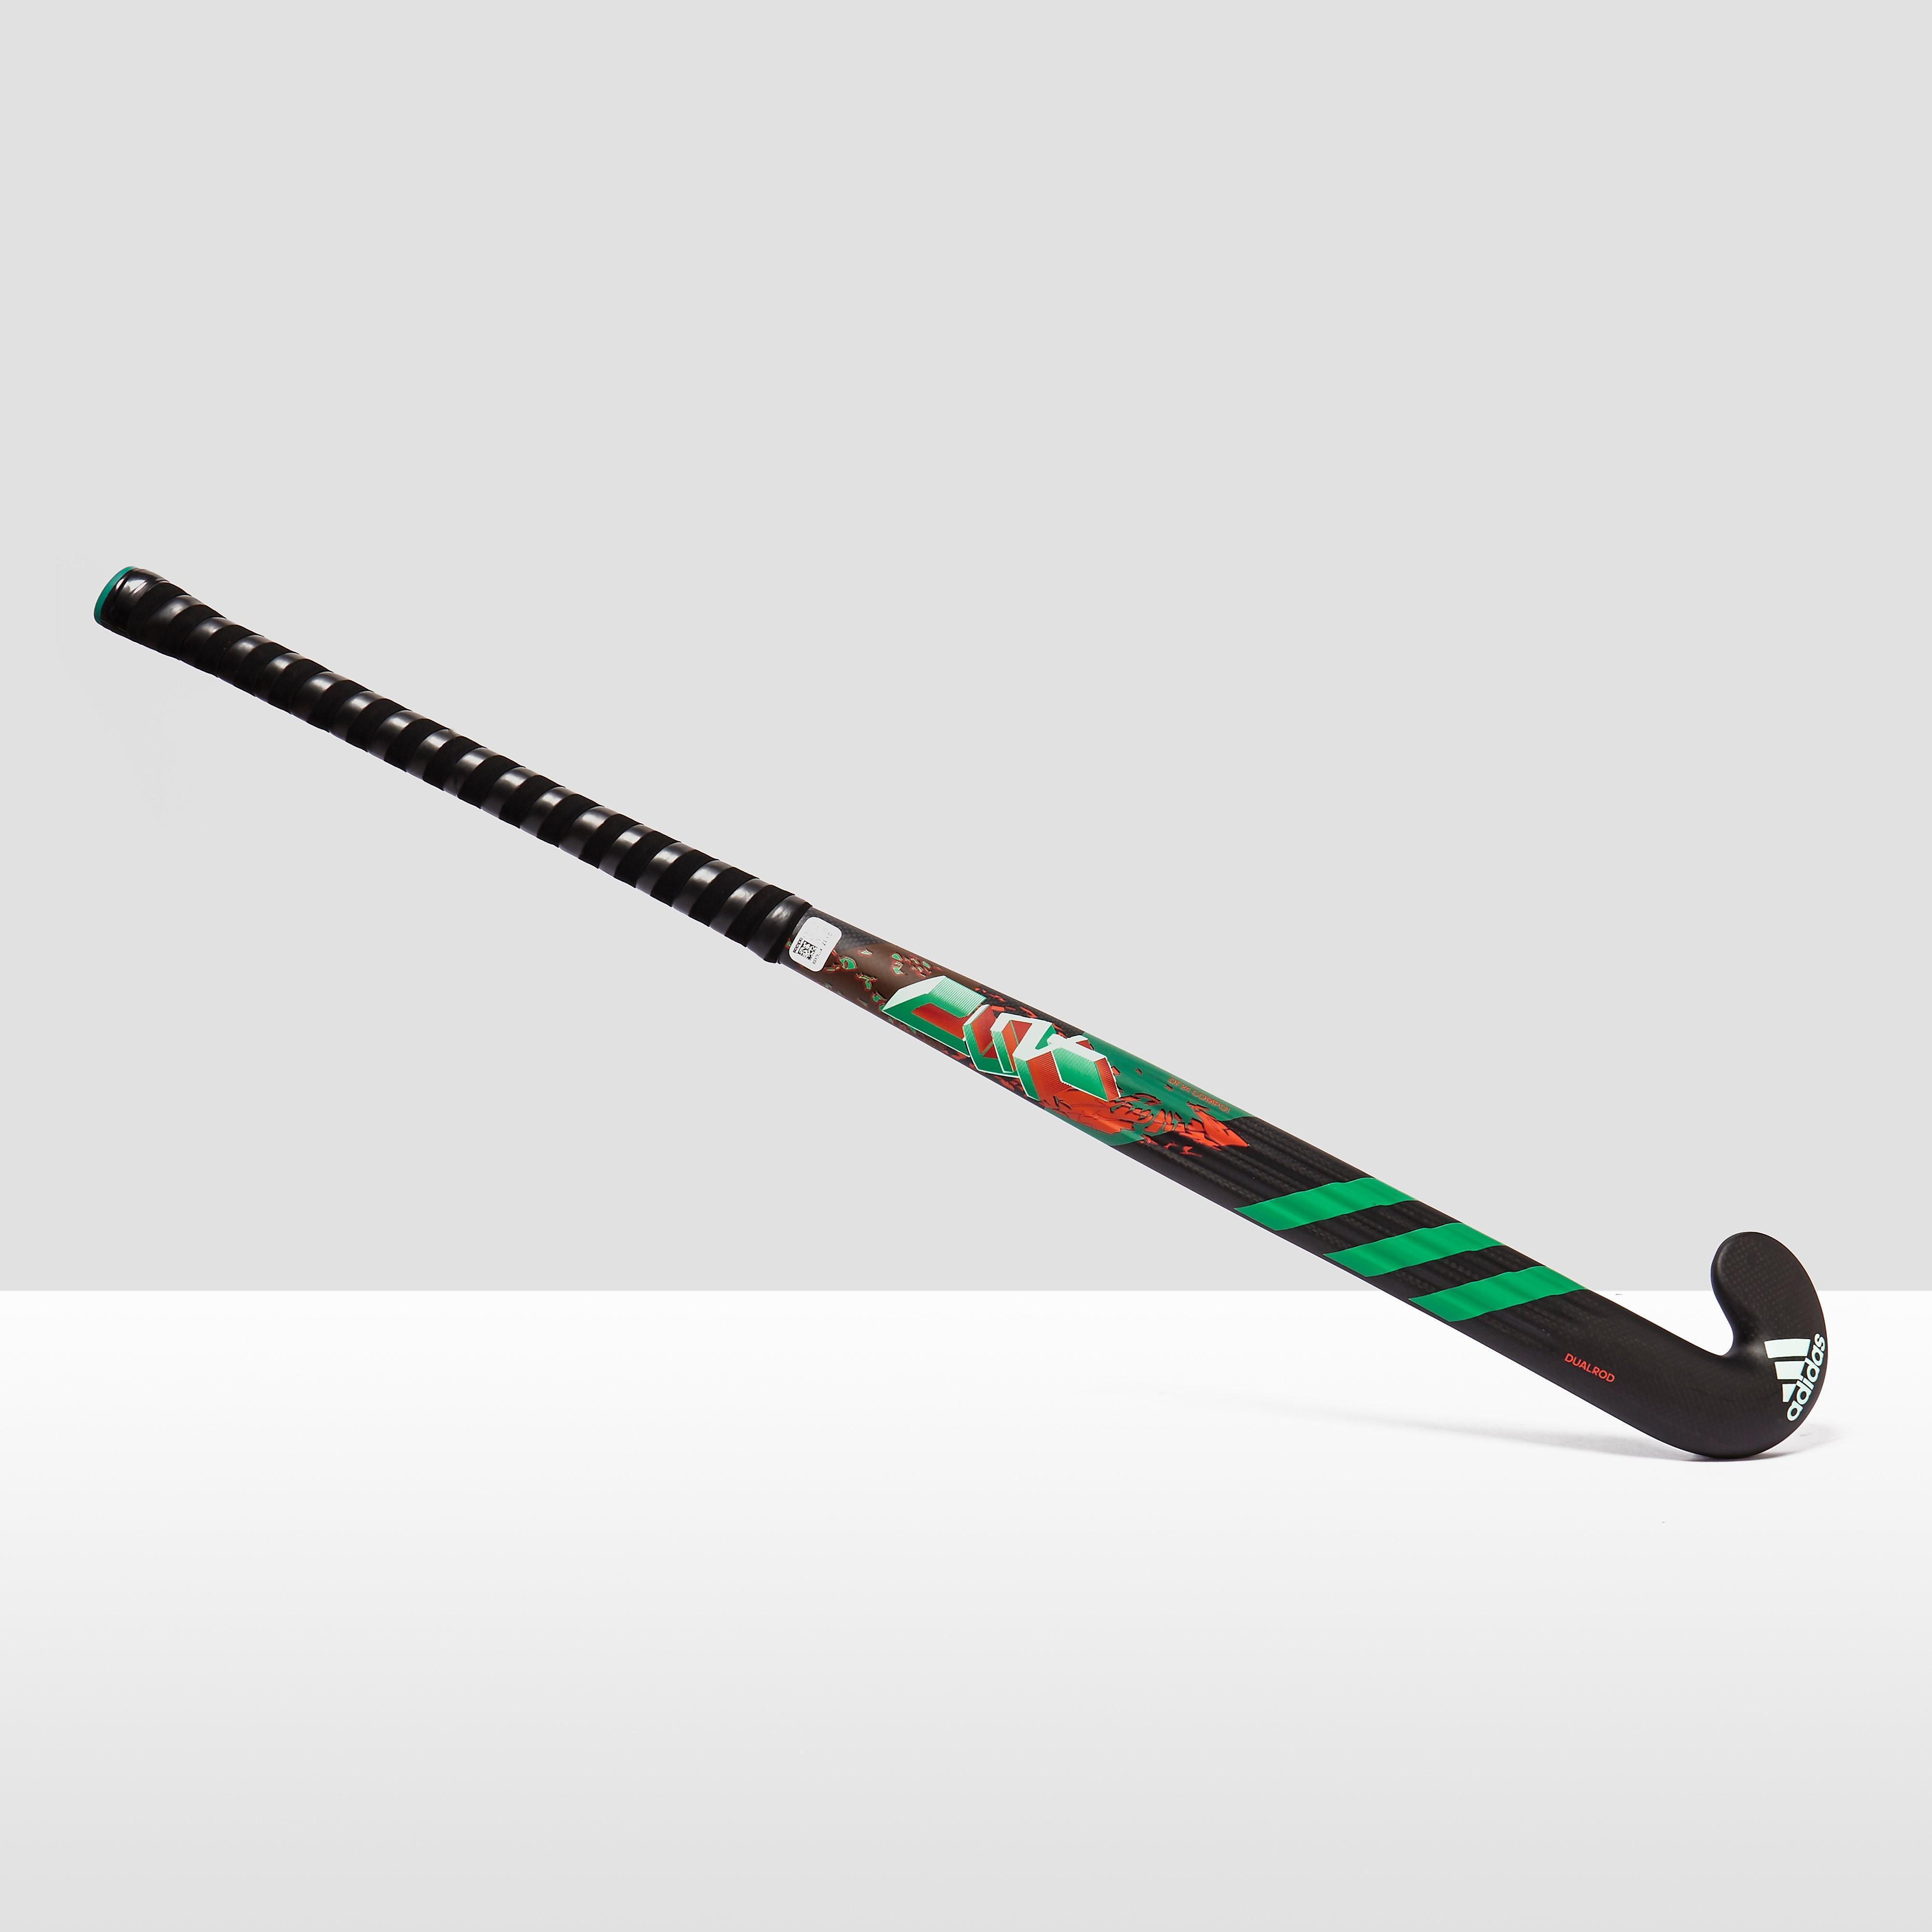 adidas DF24 Compo 1 Hockey Stick